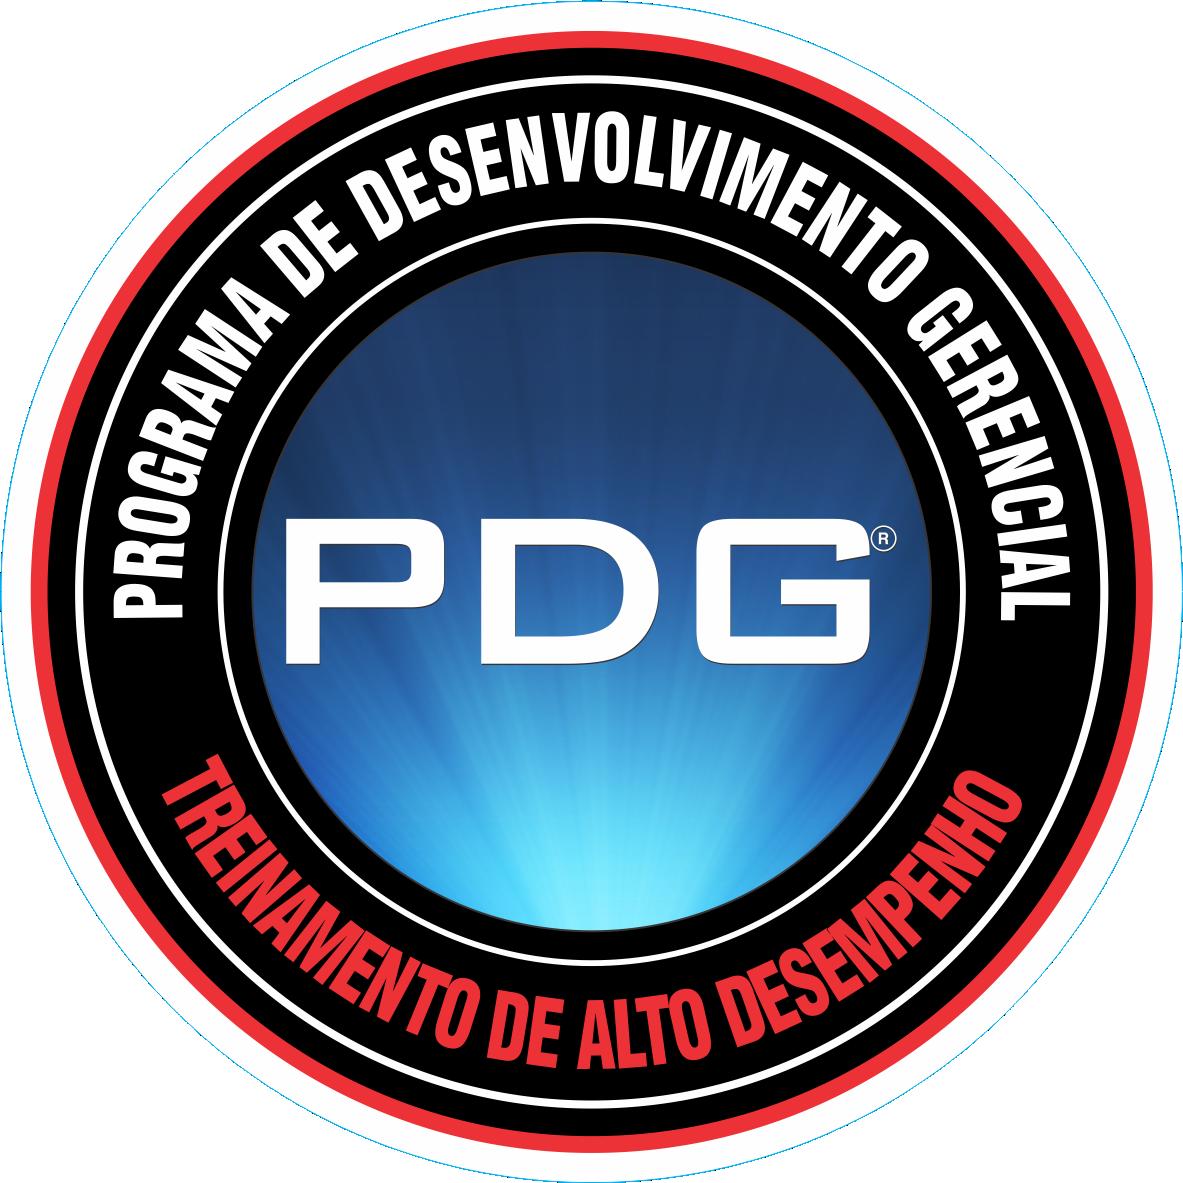 LOGO PDG 2020 2